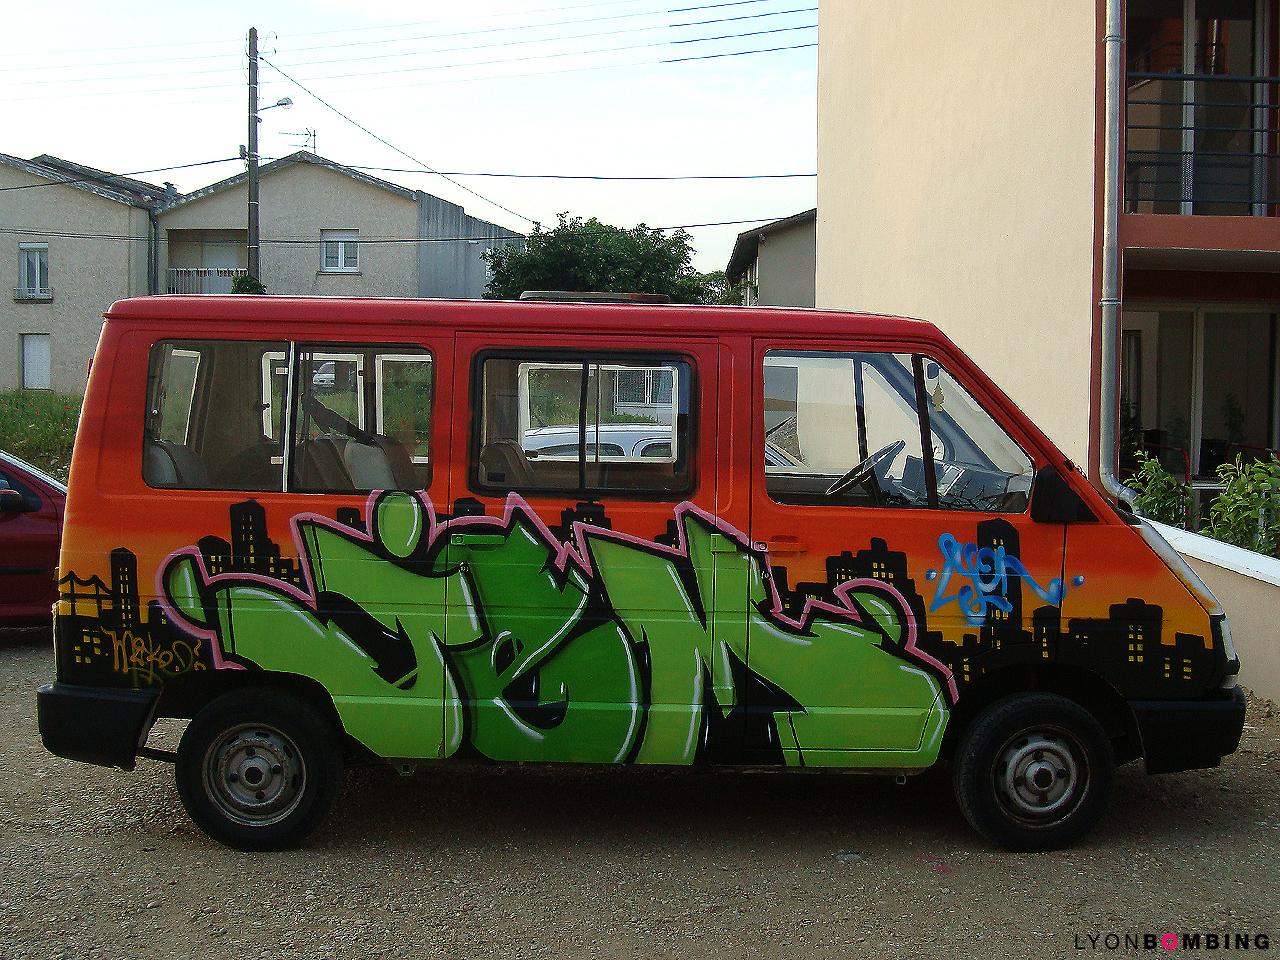 Camionnette graffiti JEM